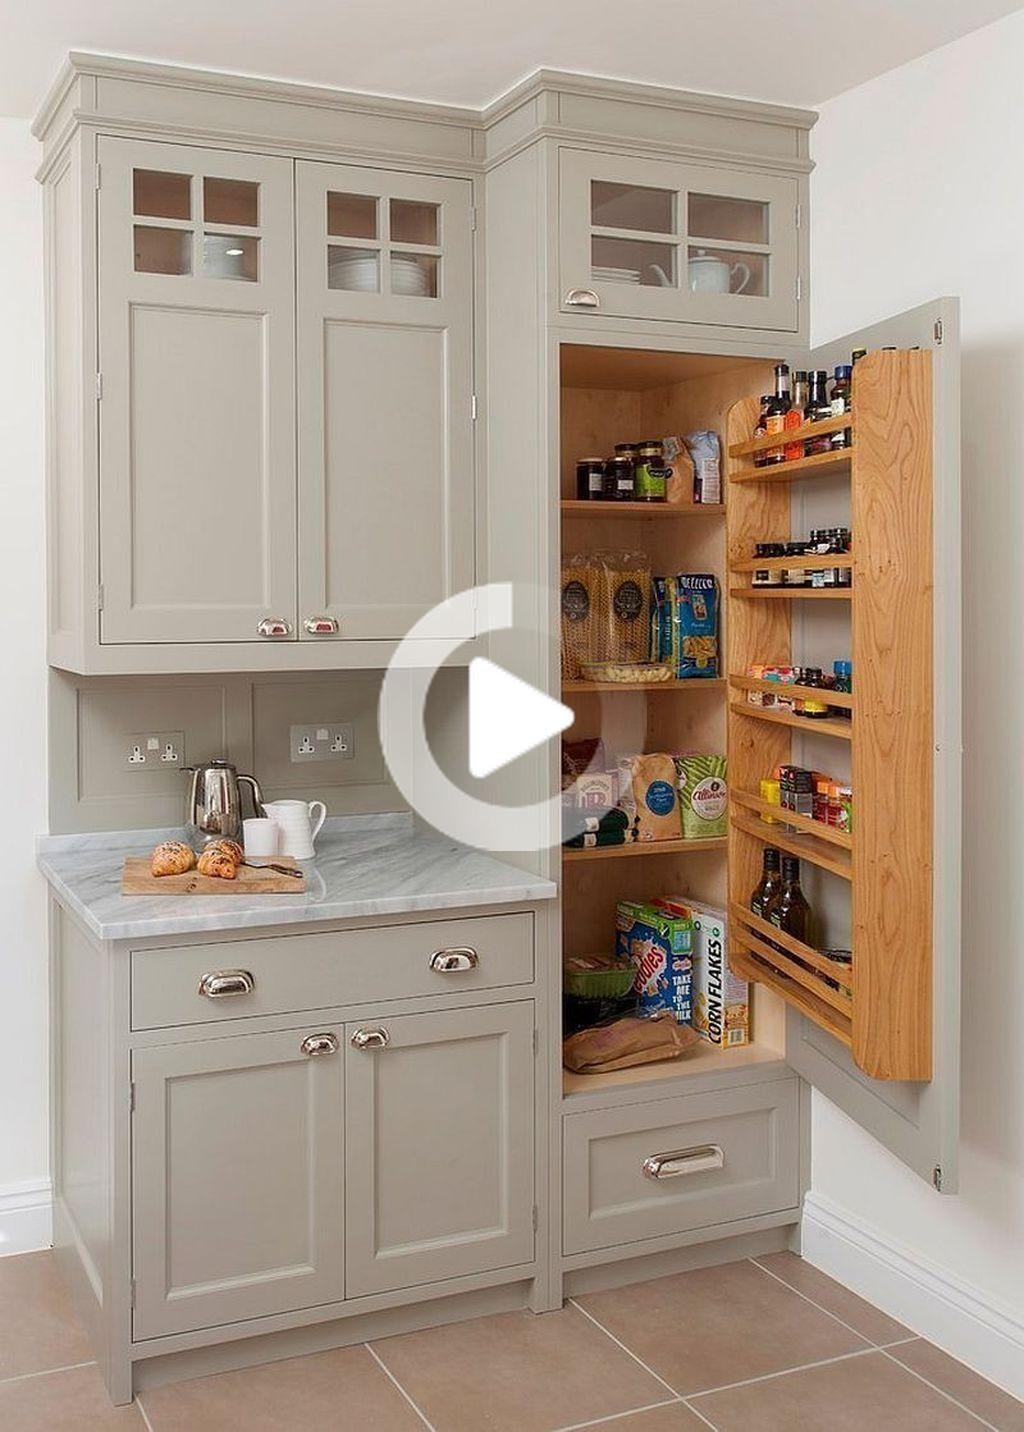 20 Comodi Rimodellare Cucina Idee Con Alcuni Kitchenremodel Bagagli 20 Comodi Rimodellare In 2020 Kitchen Cabinet Plans Diy Kitchen Storage Kitchen Style